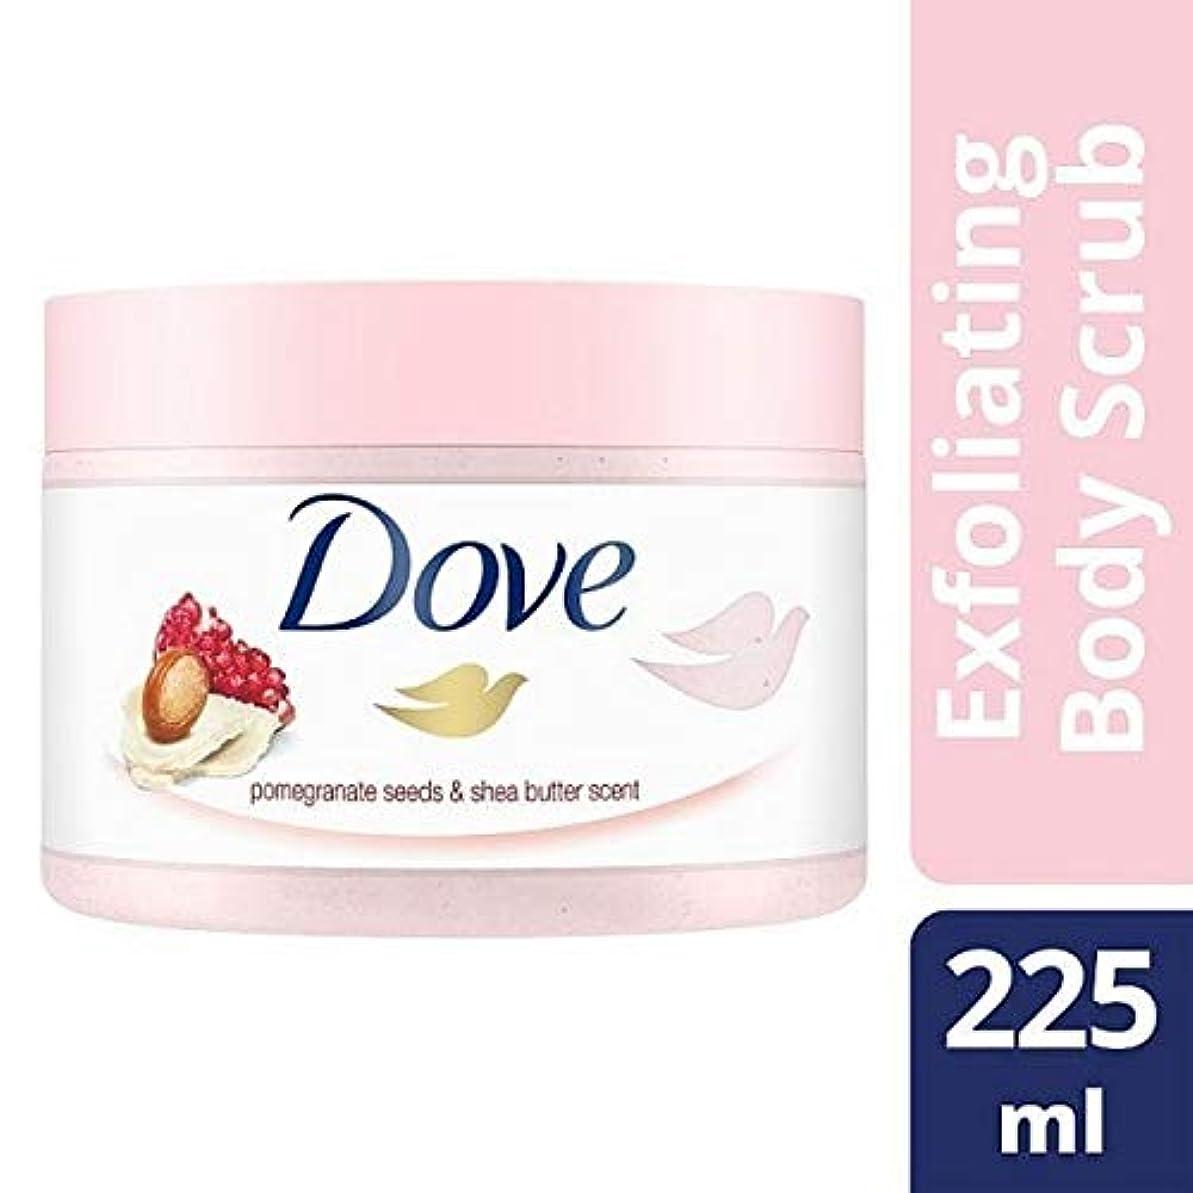 安定しました例示する機密[Dove ] 225ミリリットルボディスクラブザクロ種子を剥離鳩 - Dove Exfoliating Body Scrub Pomegranate Seeds 225ml [並行輸入品]